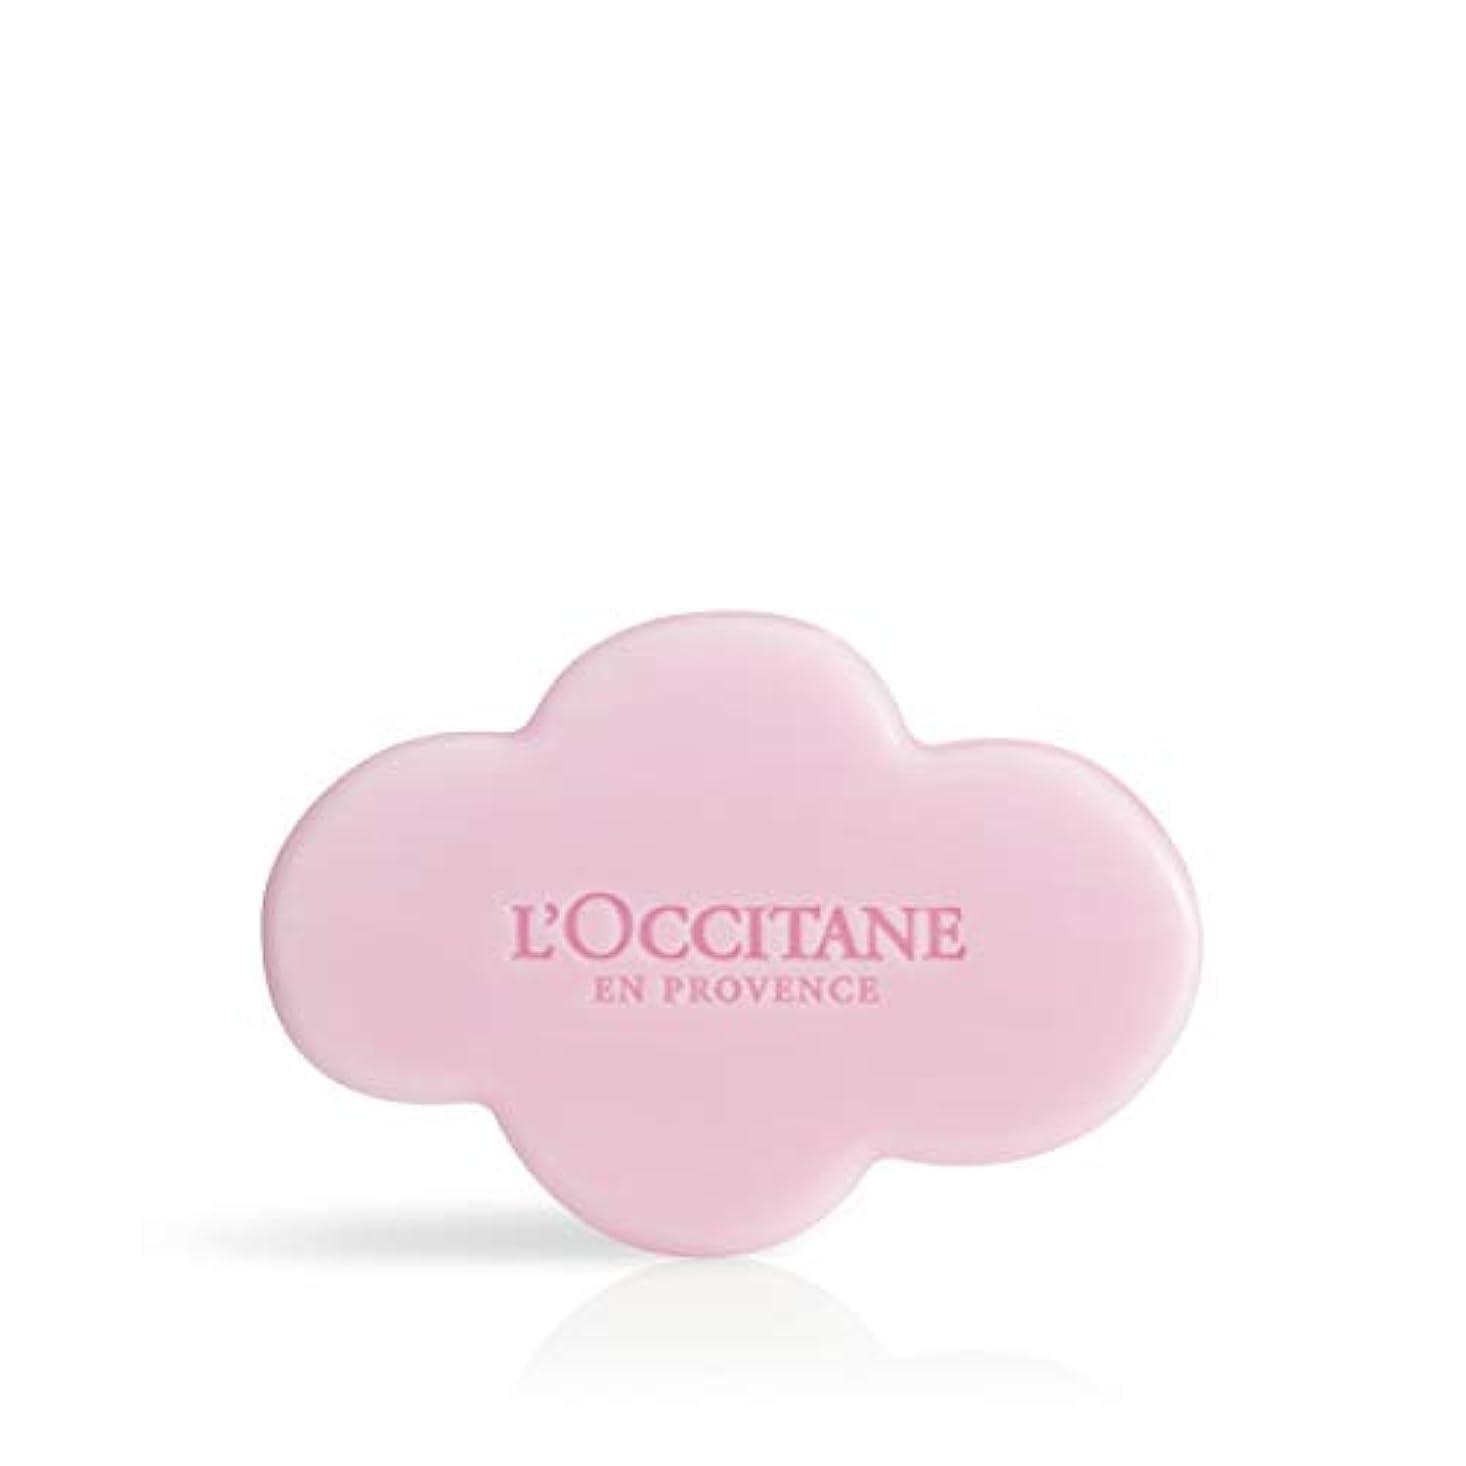 輸送作るベリロクシタン(L'OCCITANE) フェスティブガーデン シア ソープ 150g 石鹸 スパークリングフローラル